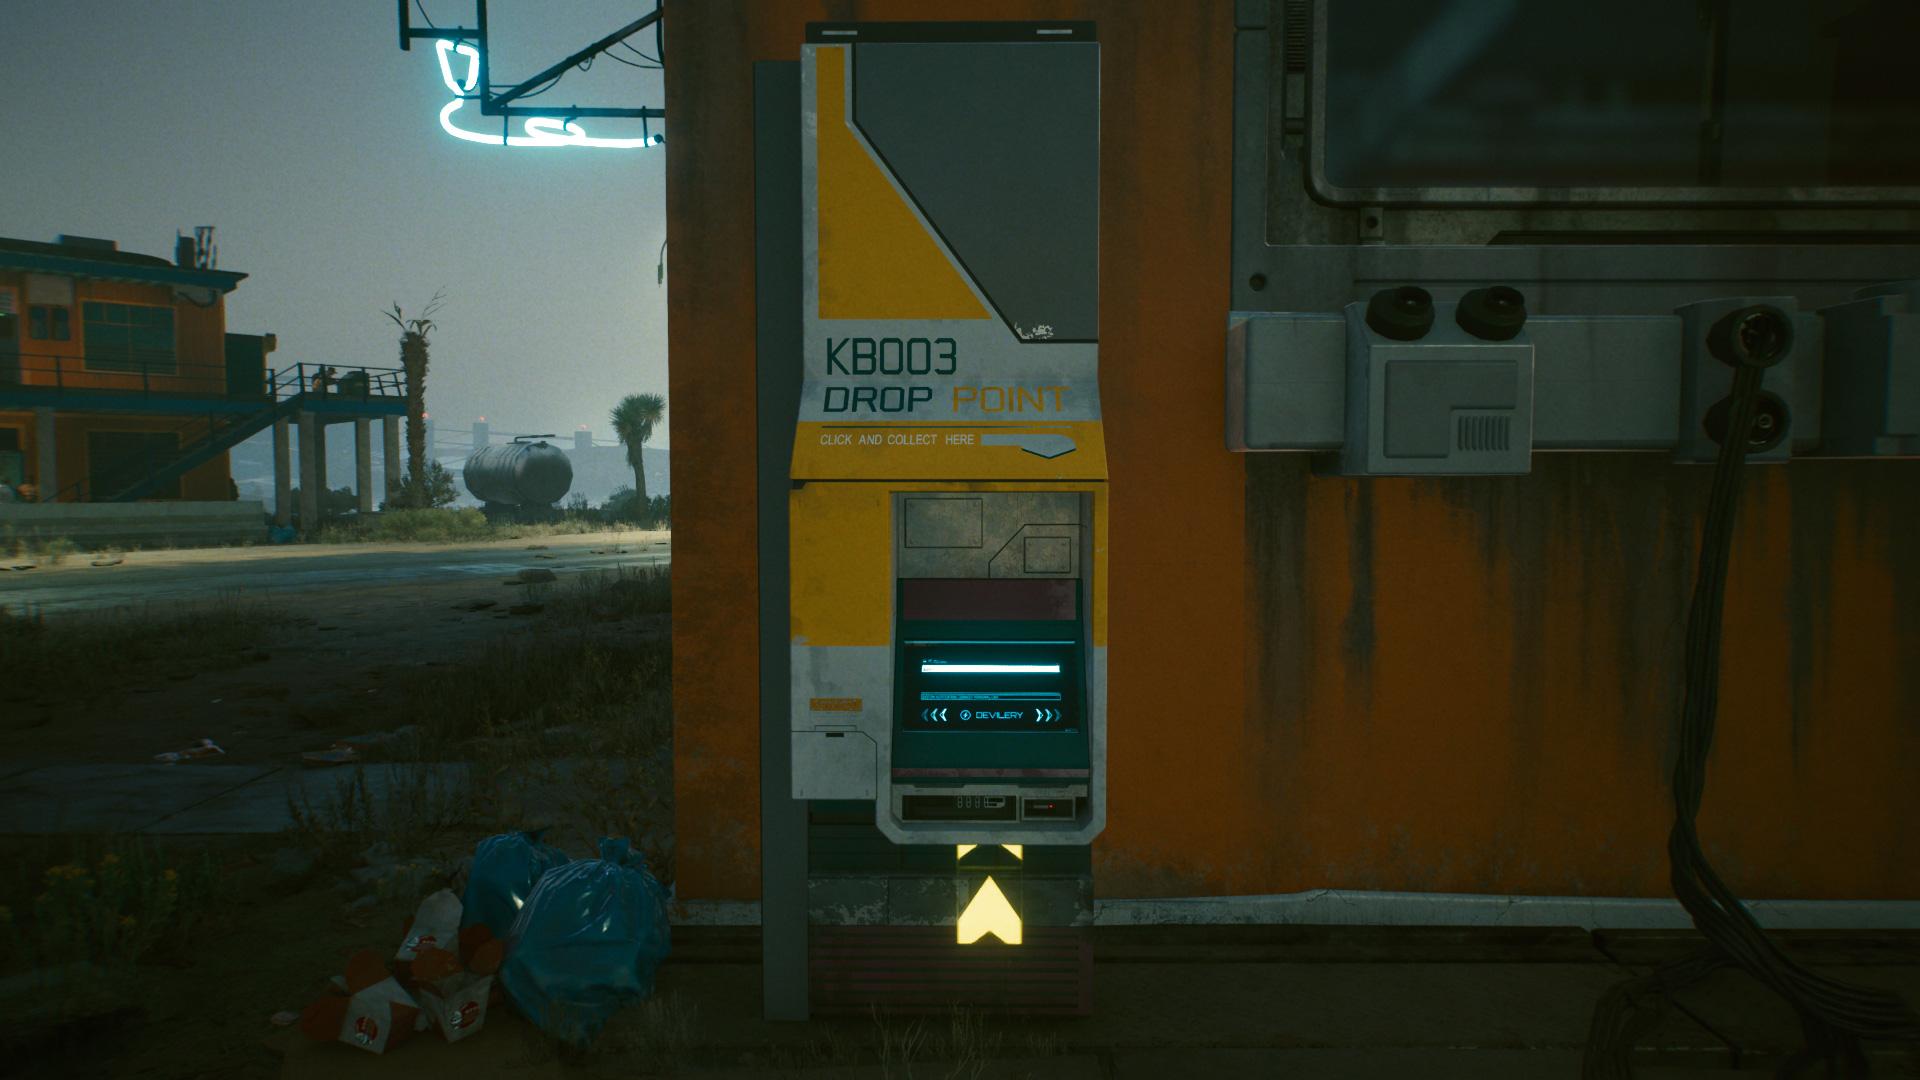 Meilleures façons de gagner de l'argent dans Cyberpunk 2077 - Vendre des objets